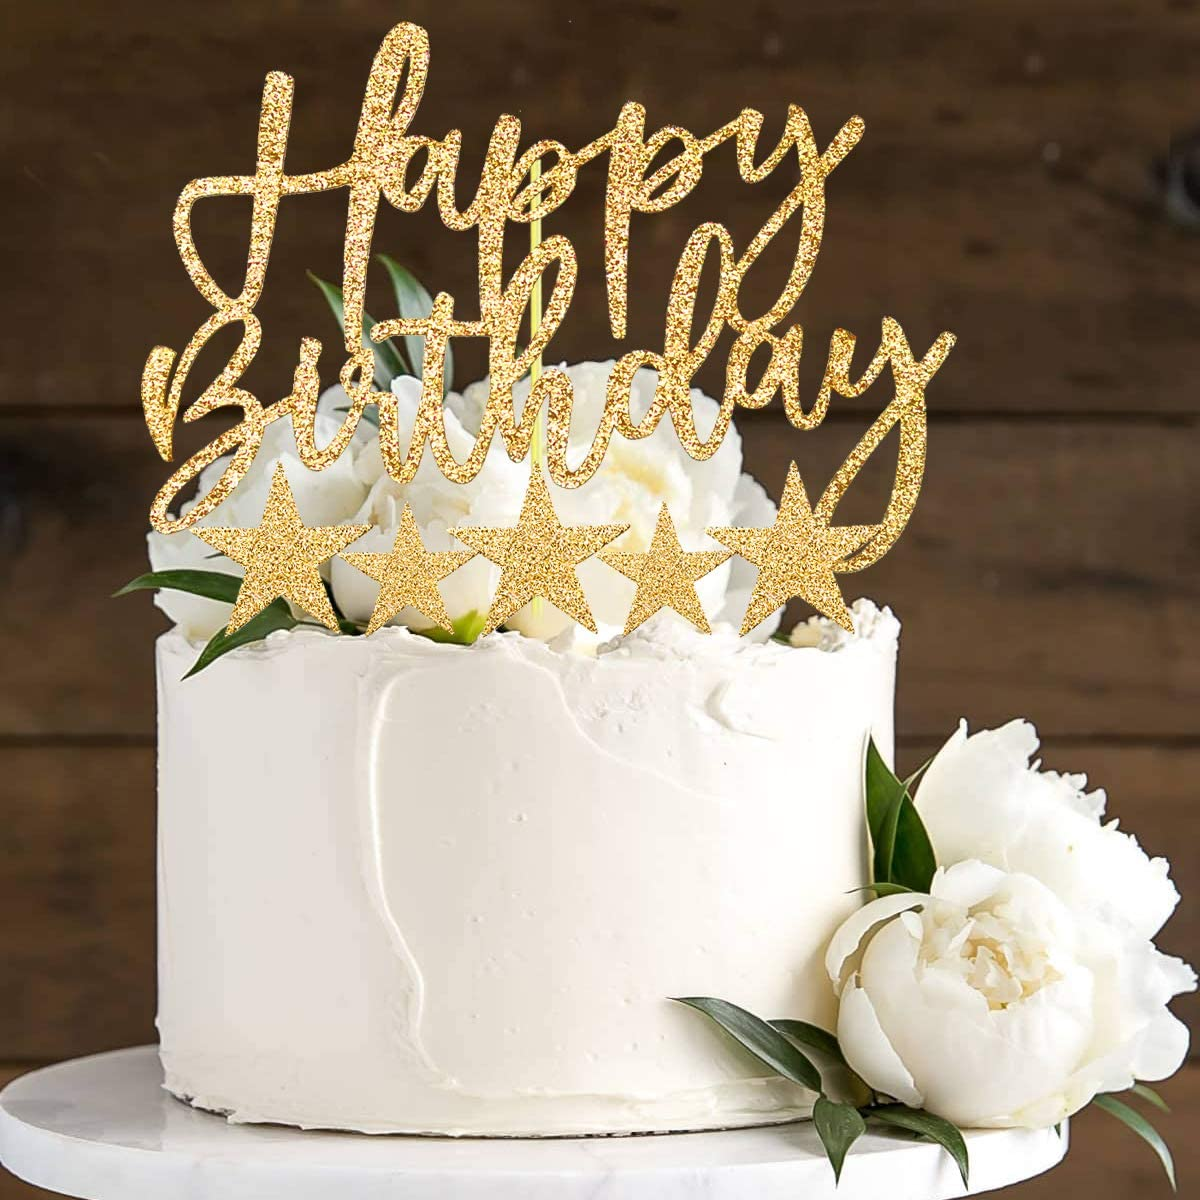 Per Ragazza Feste Di Compleanno iZoeL Oro Compleanno Torta Topper Banner Di Buon Compleanno Coriandoli Palloncino Stella Candela Decorazione Della Torta